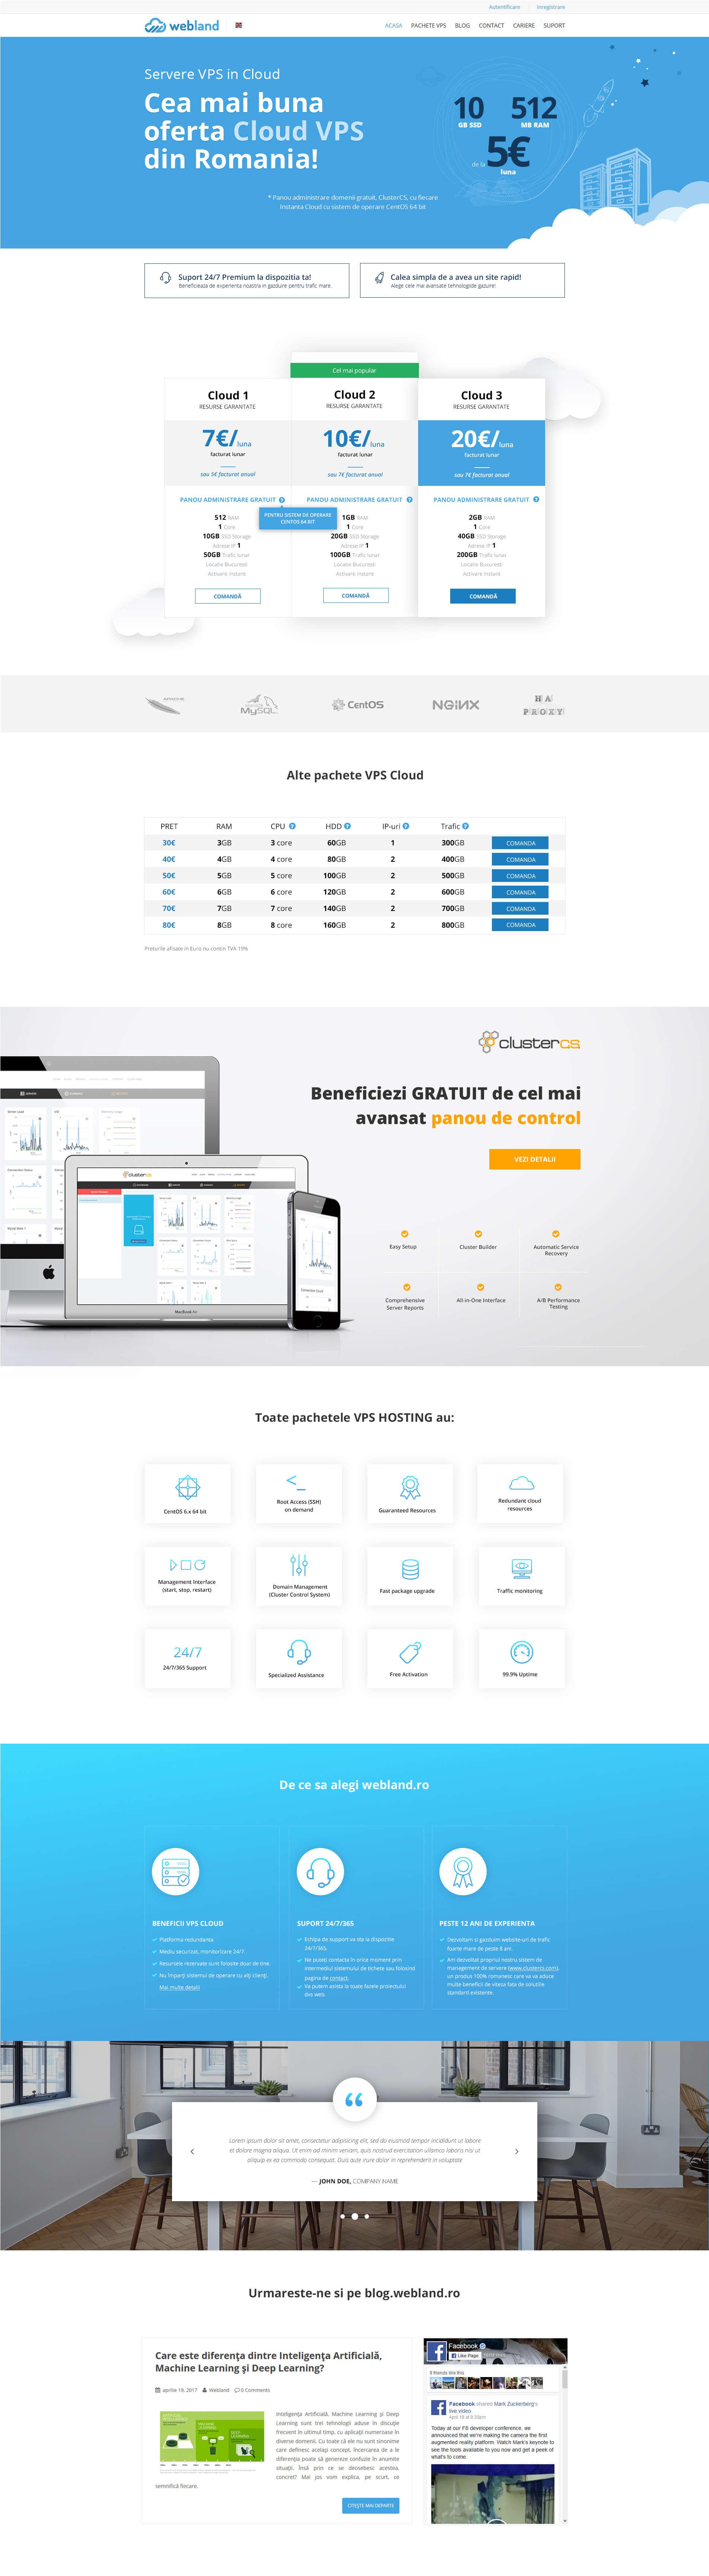 Webland.ro Homepage